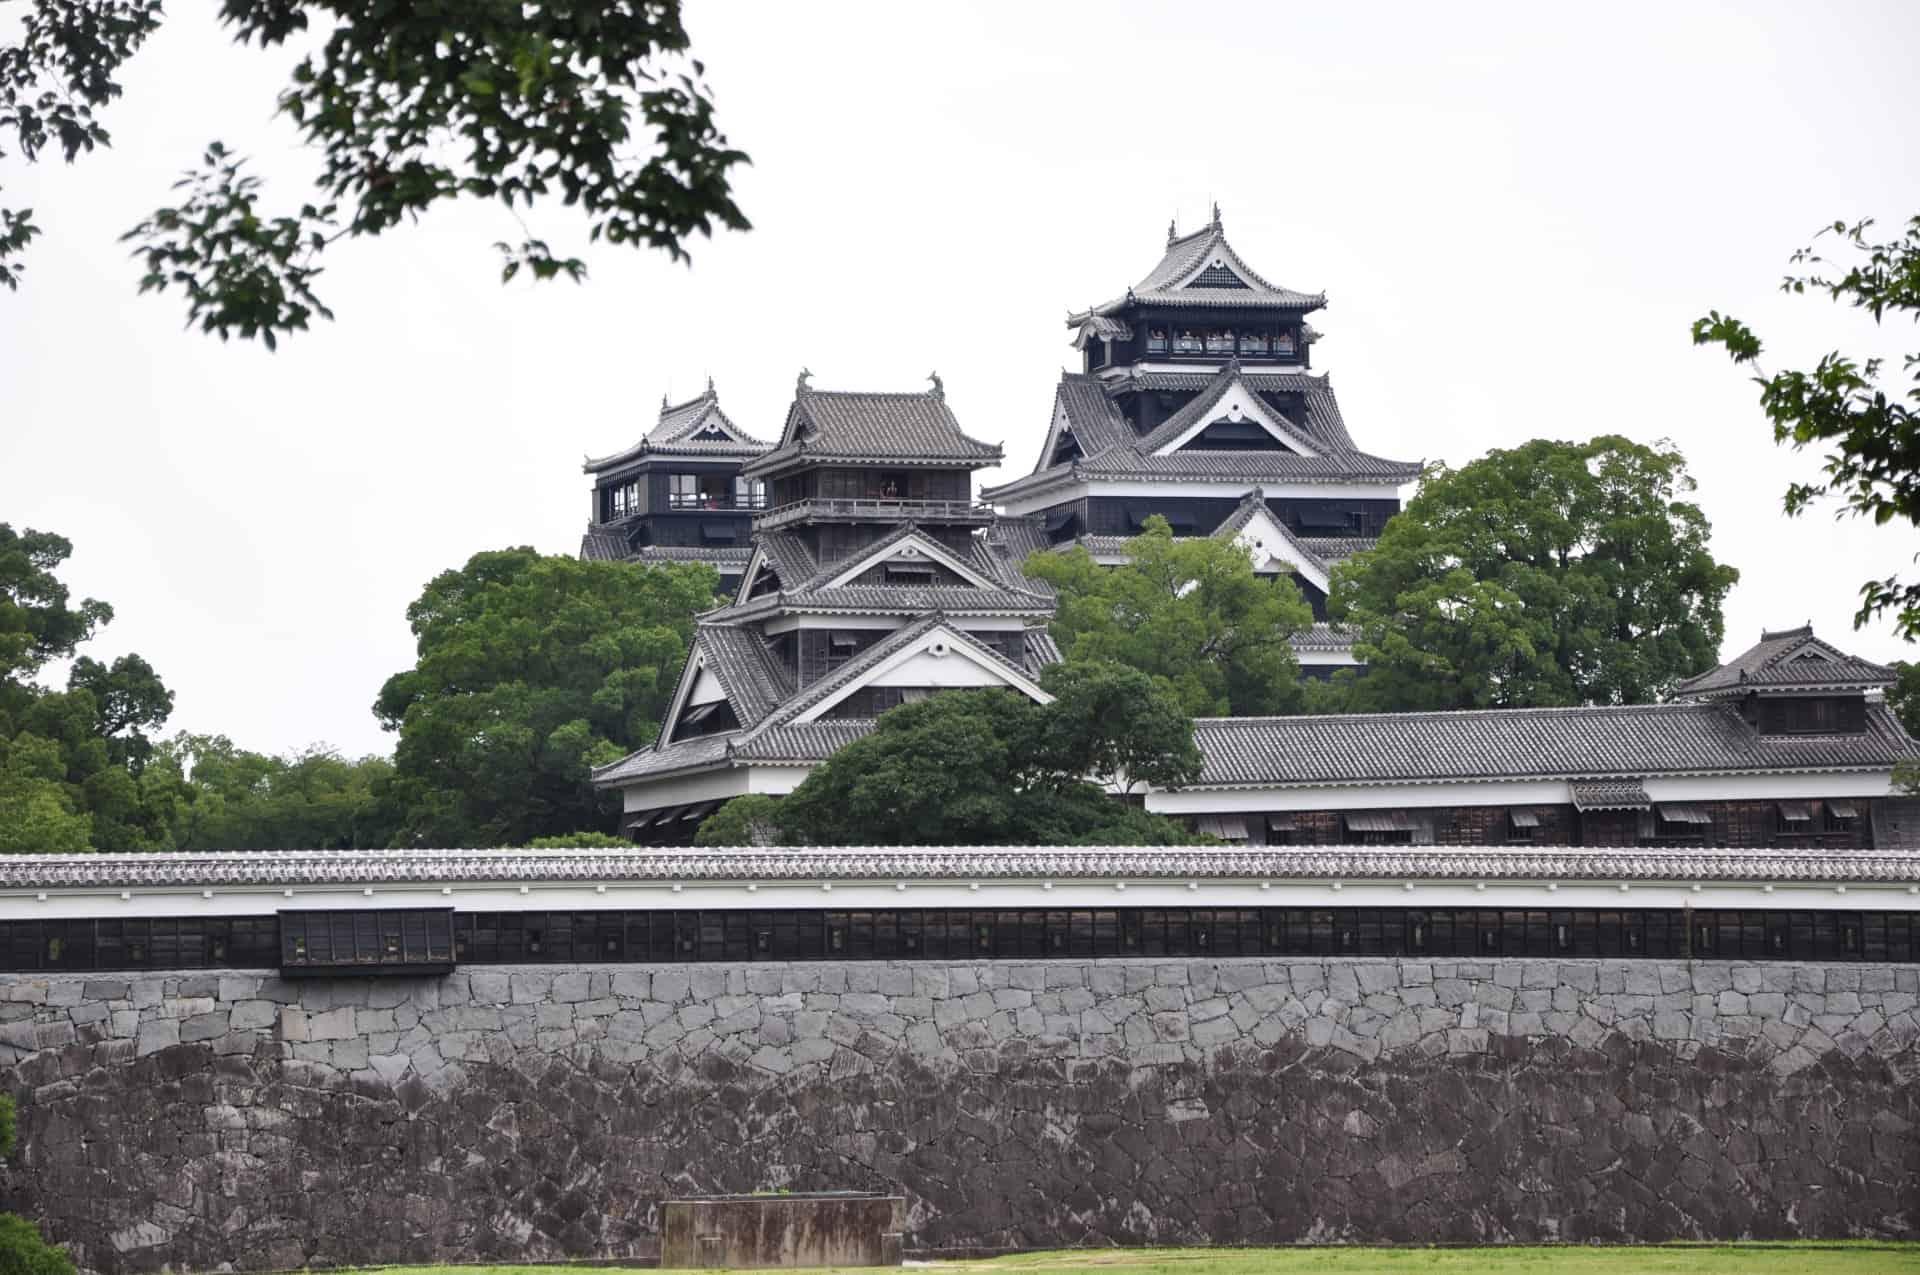 ปราสาทคุมาโมโตะ (Kumamoto Castle) ปราสาทญี่ปุ่น ซึ่งมีอีกชื่อเรียกว่าปราสาทแป๊ะก๊วย